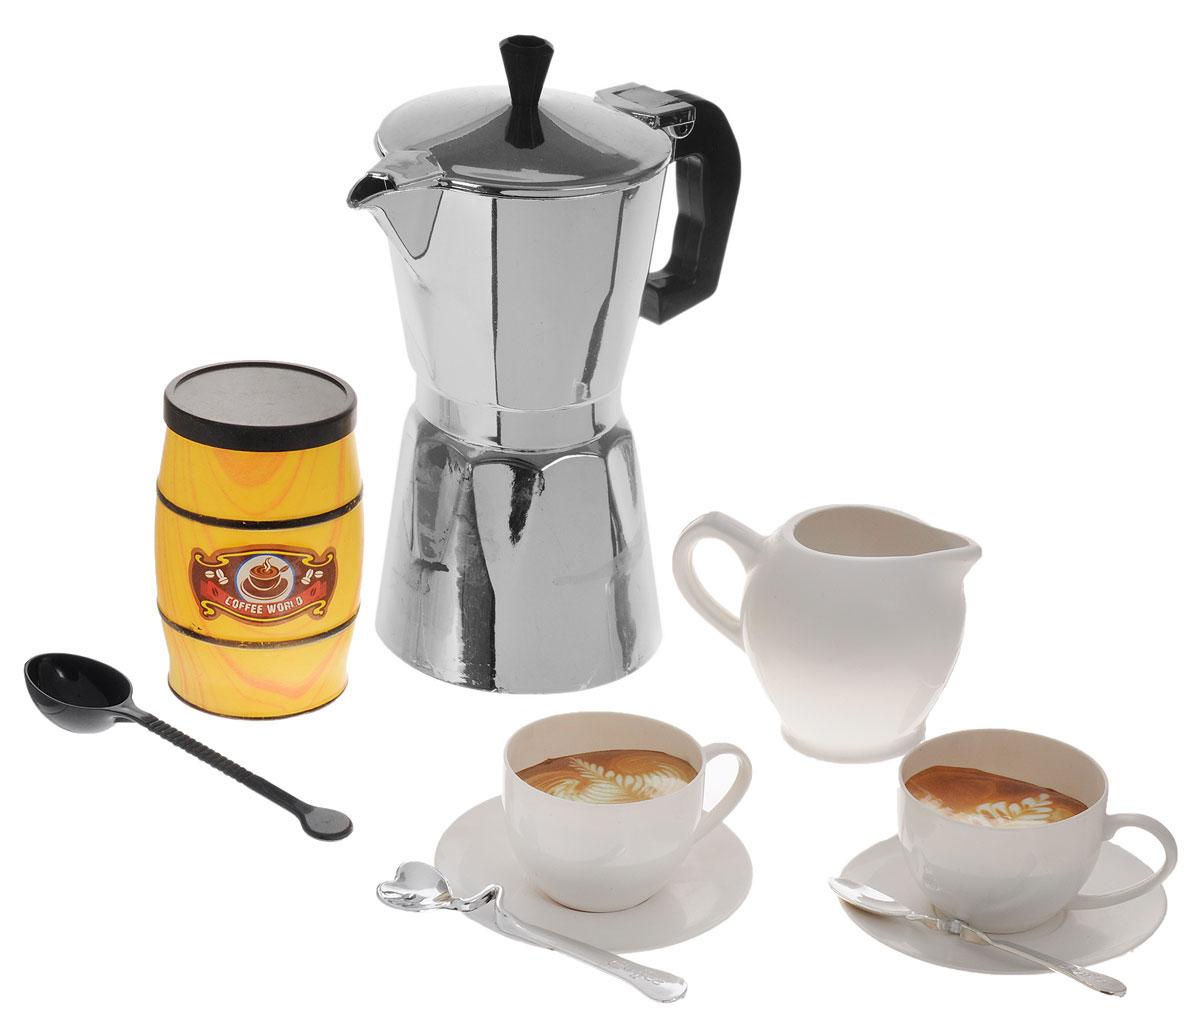 ABtoys Игрушечный кофейный наборPT-00206_баночка д. кофеИгровой кофейный набор ABtoys входит в большую серию игрушек Помогаю маме, разработанную для приучения детишек к домашним обязанностям в игровой форме. С этим набором ваша юная помощница сможет угощать своих любимых кукол ароматным кофе. В комплект входят кофейник, сливочник, ложки, чашки с блюдечками и мини-плита. Набор выполнен из качественного и безопасного материала. Играя, ребенок сможет развить речь, аккуратность, усидчивость, а также воображение, двигательную активность рук и фантазию. Игровой кофейный набор ABtoys станет отличным подарком для любой девочки, которая теперь постоянно может угощать своих любимых кукол вкусным сладким кофе.